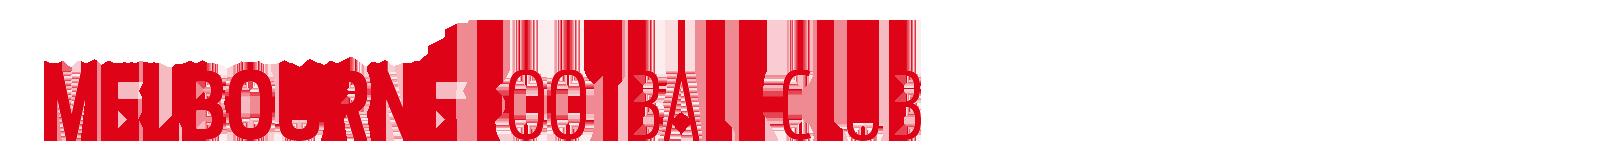 Match Day Info - melbournefc com au